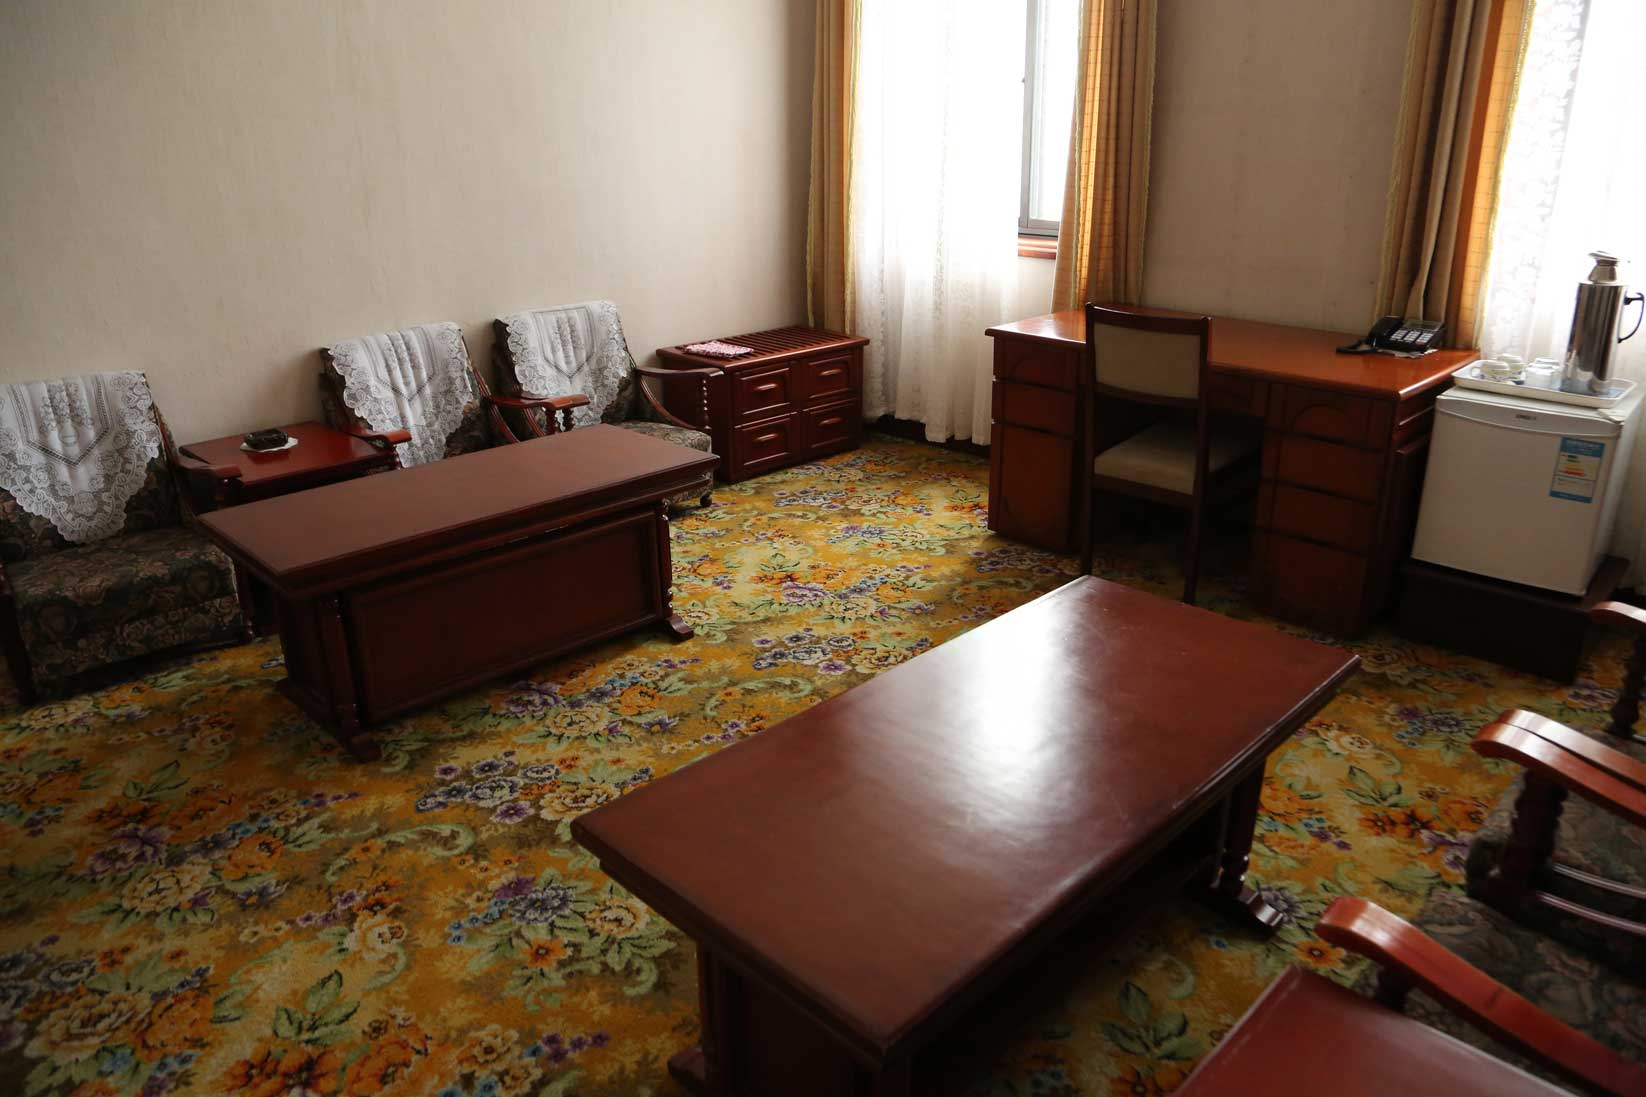 金日成の別荘(琵琶旅館)と旧羅津ヤマトホテル(南山旅館)_b0235153_9414918.jpg